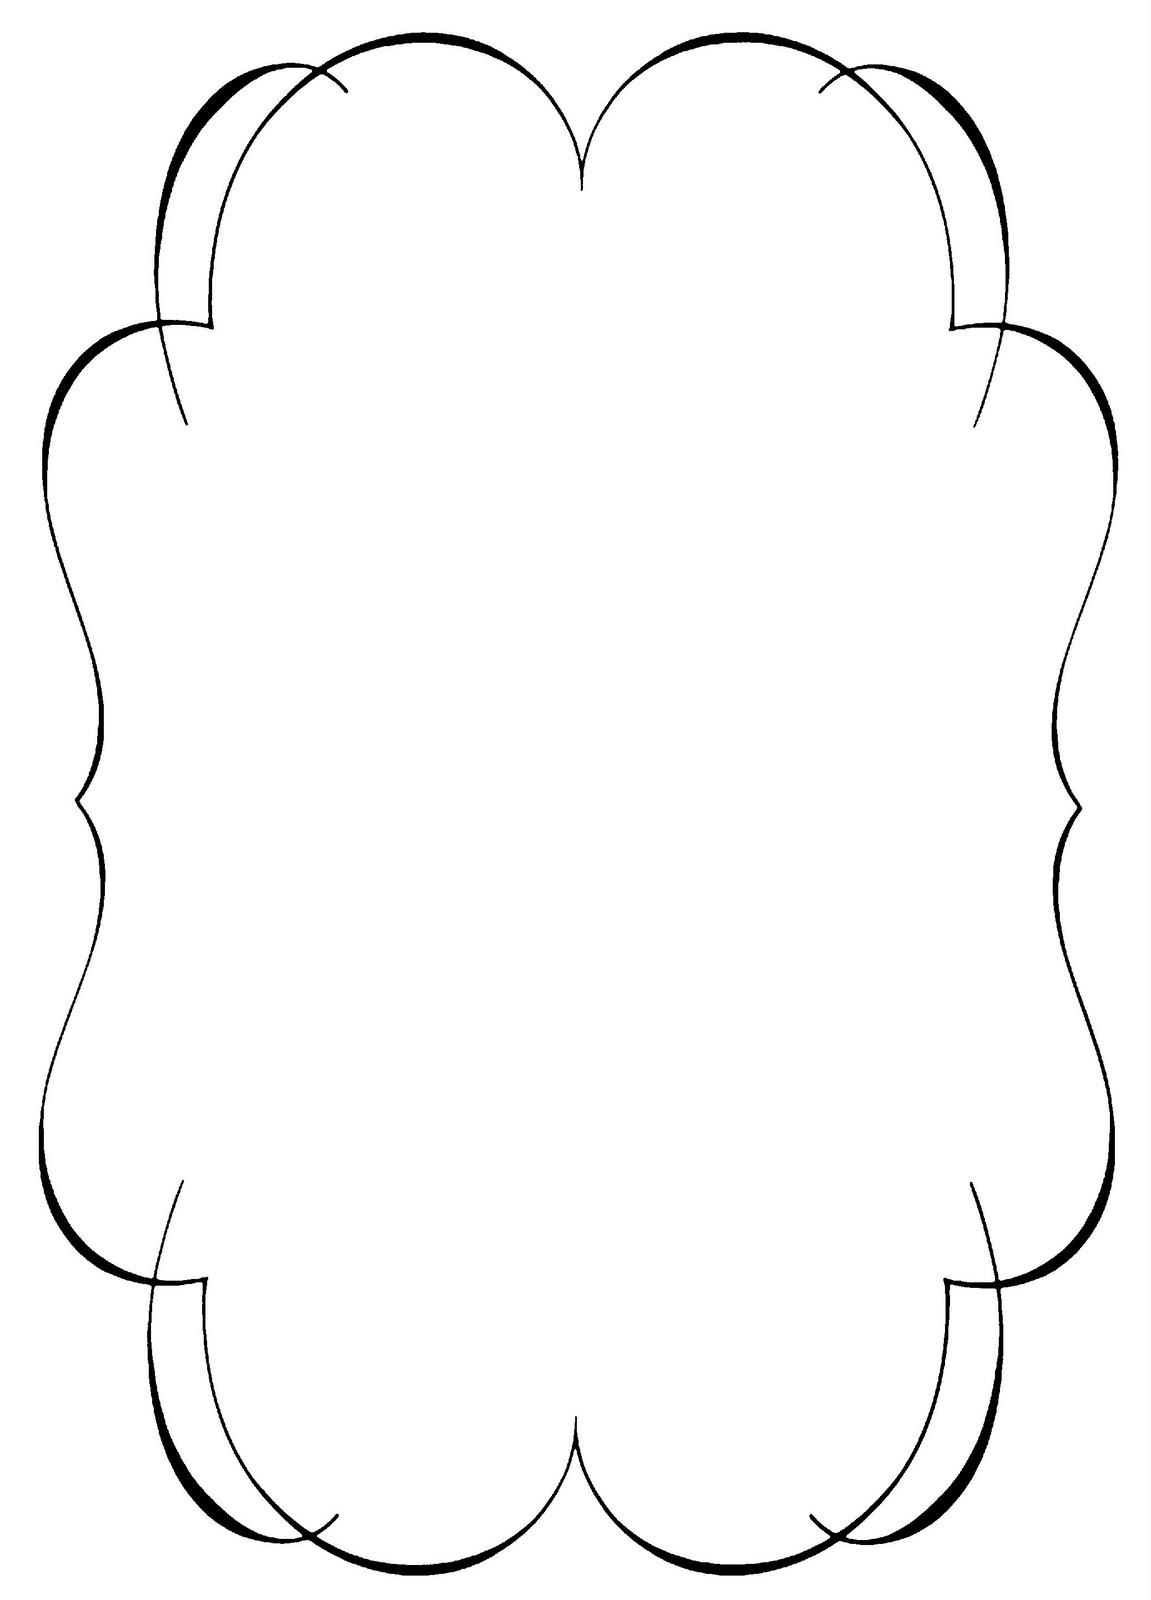 Lace outline border clipart.